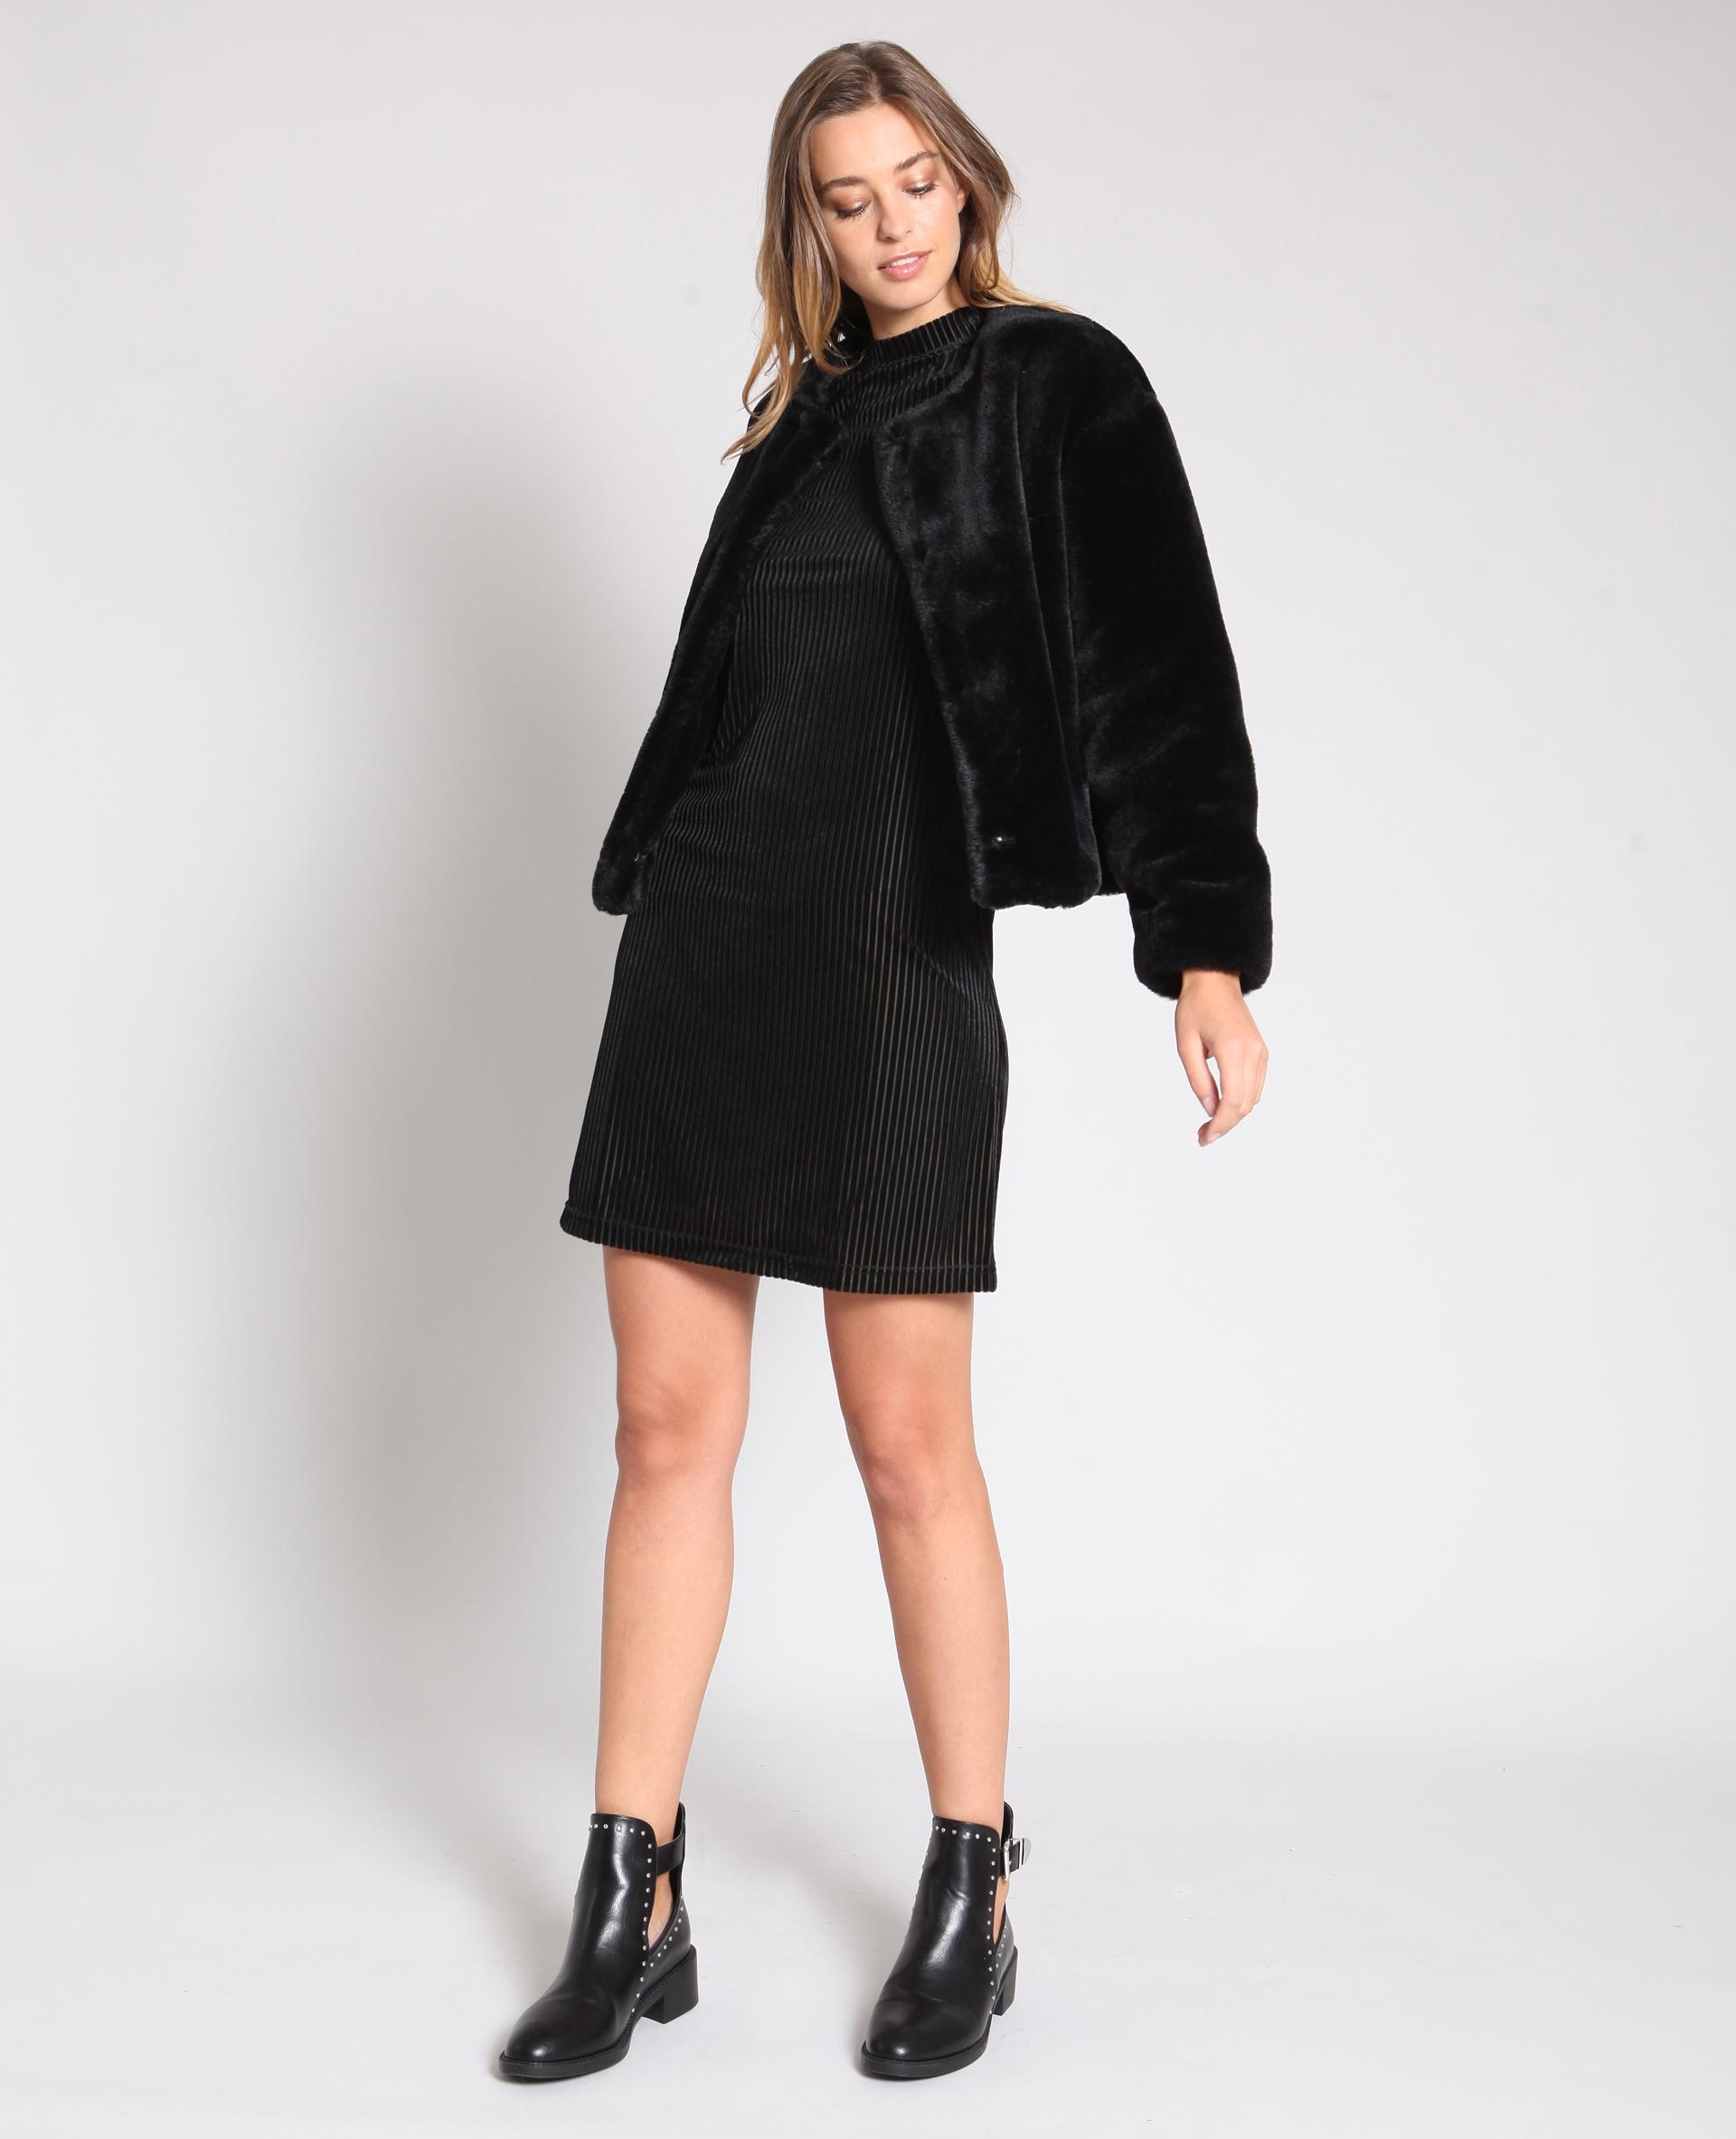 Robe à manches courtes noir - Pimkie